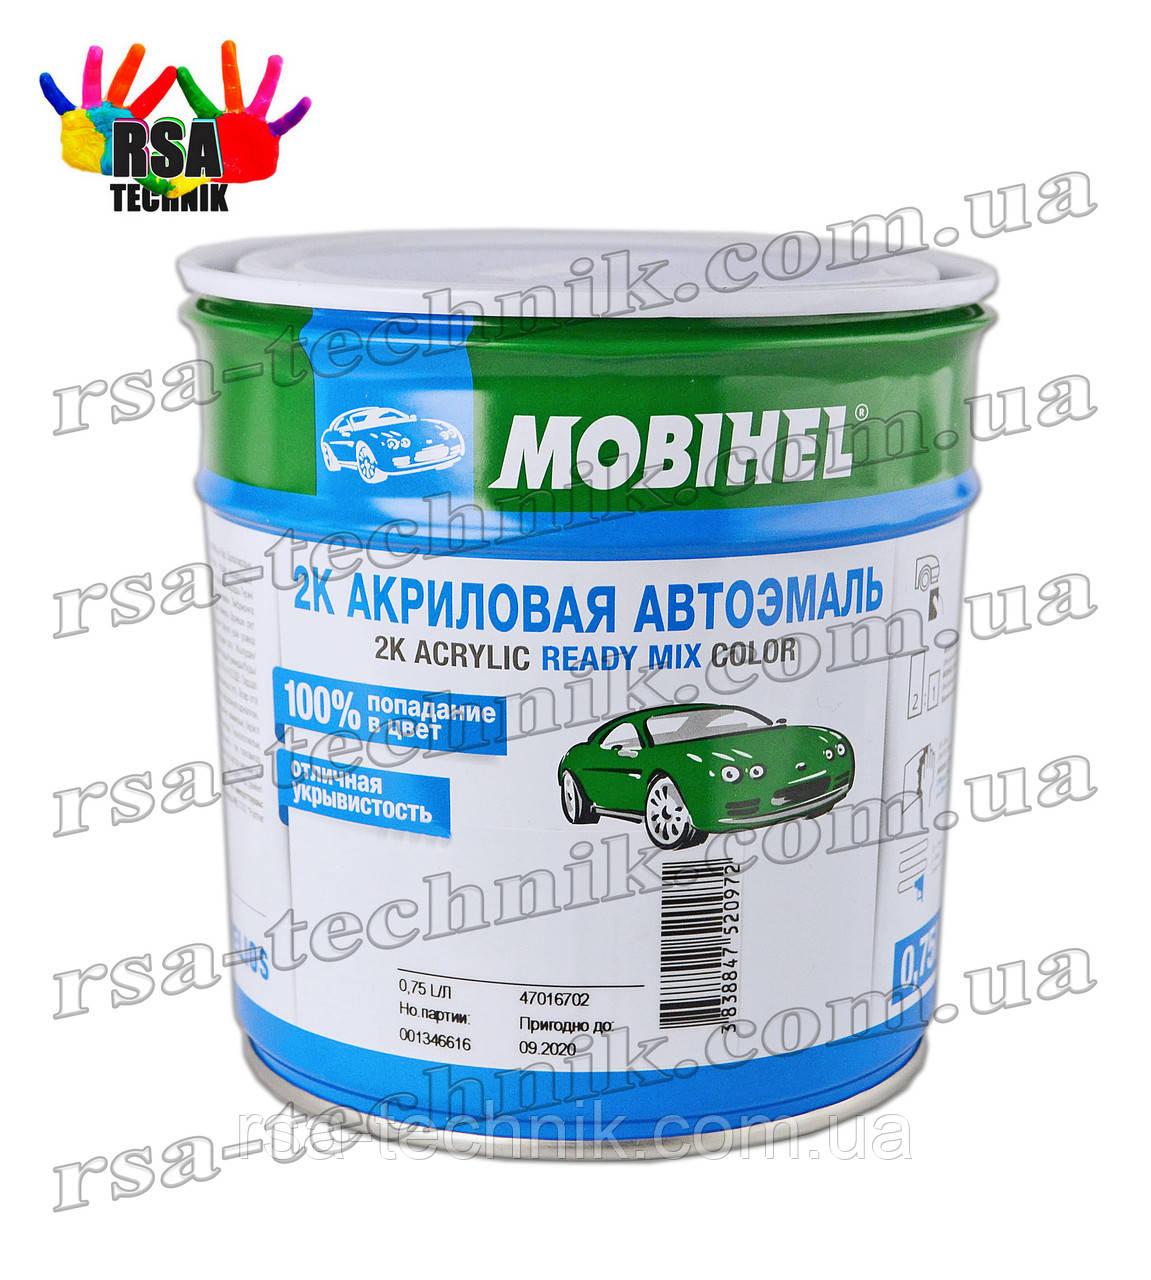 Акрилова емаль mobihel 0,75 л Біла